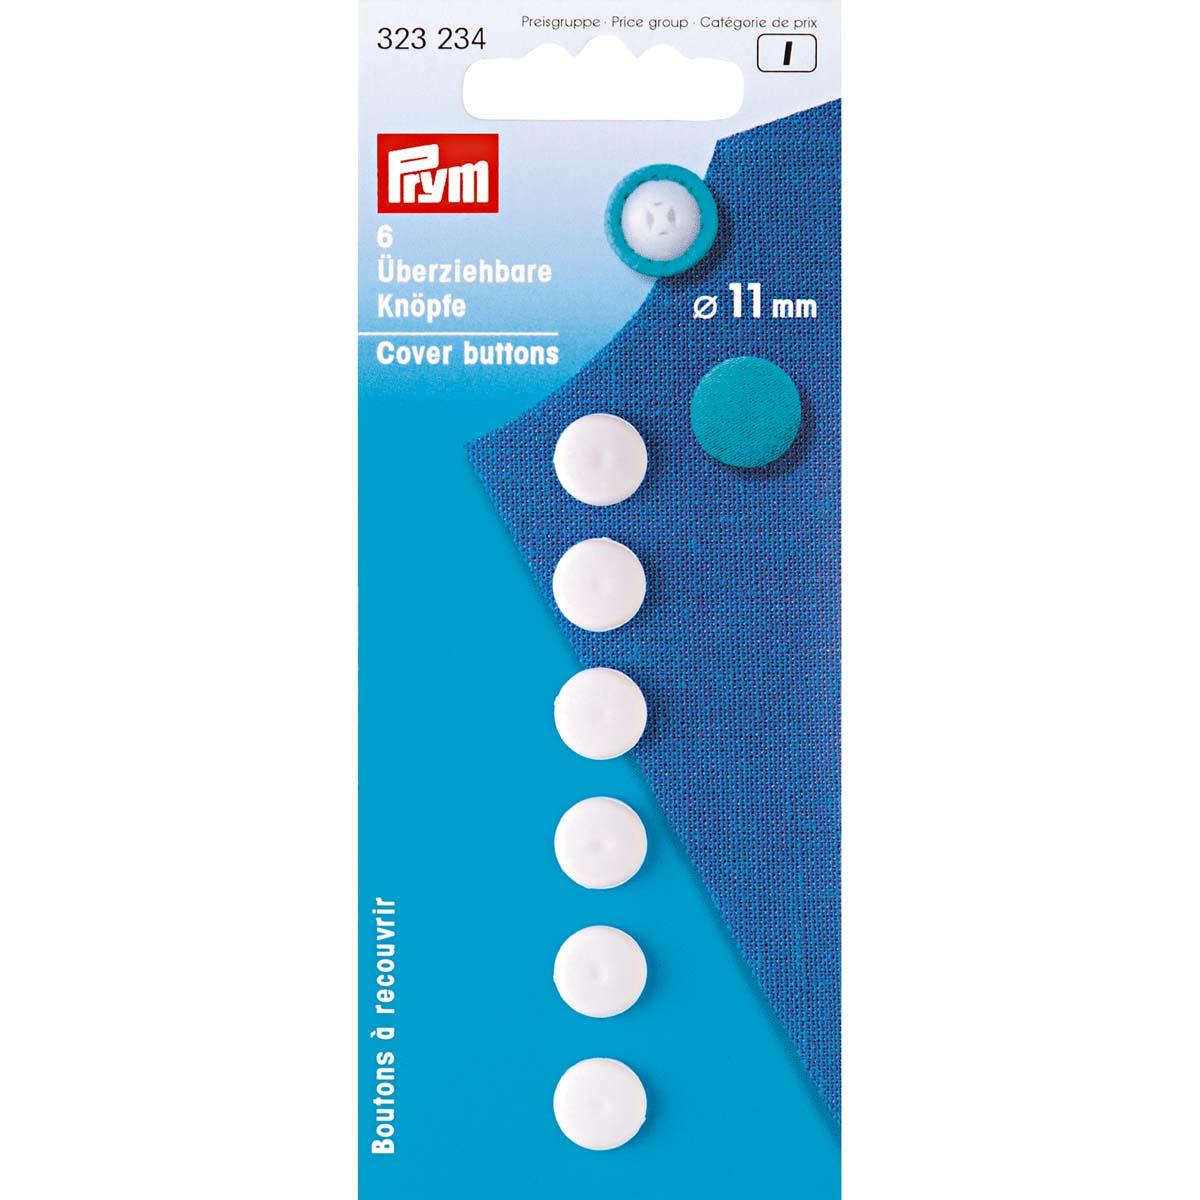 323234 Пуговицы для обтяжки тканью, пластик, белый, 11 мм, упак./6 шт., Prym